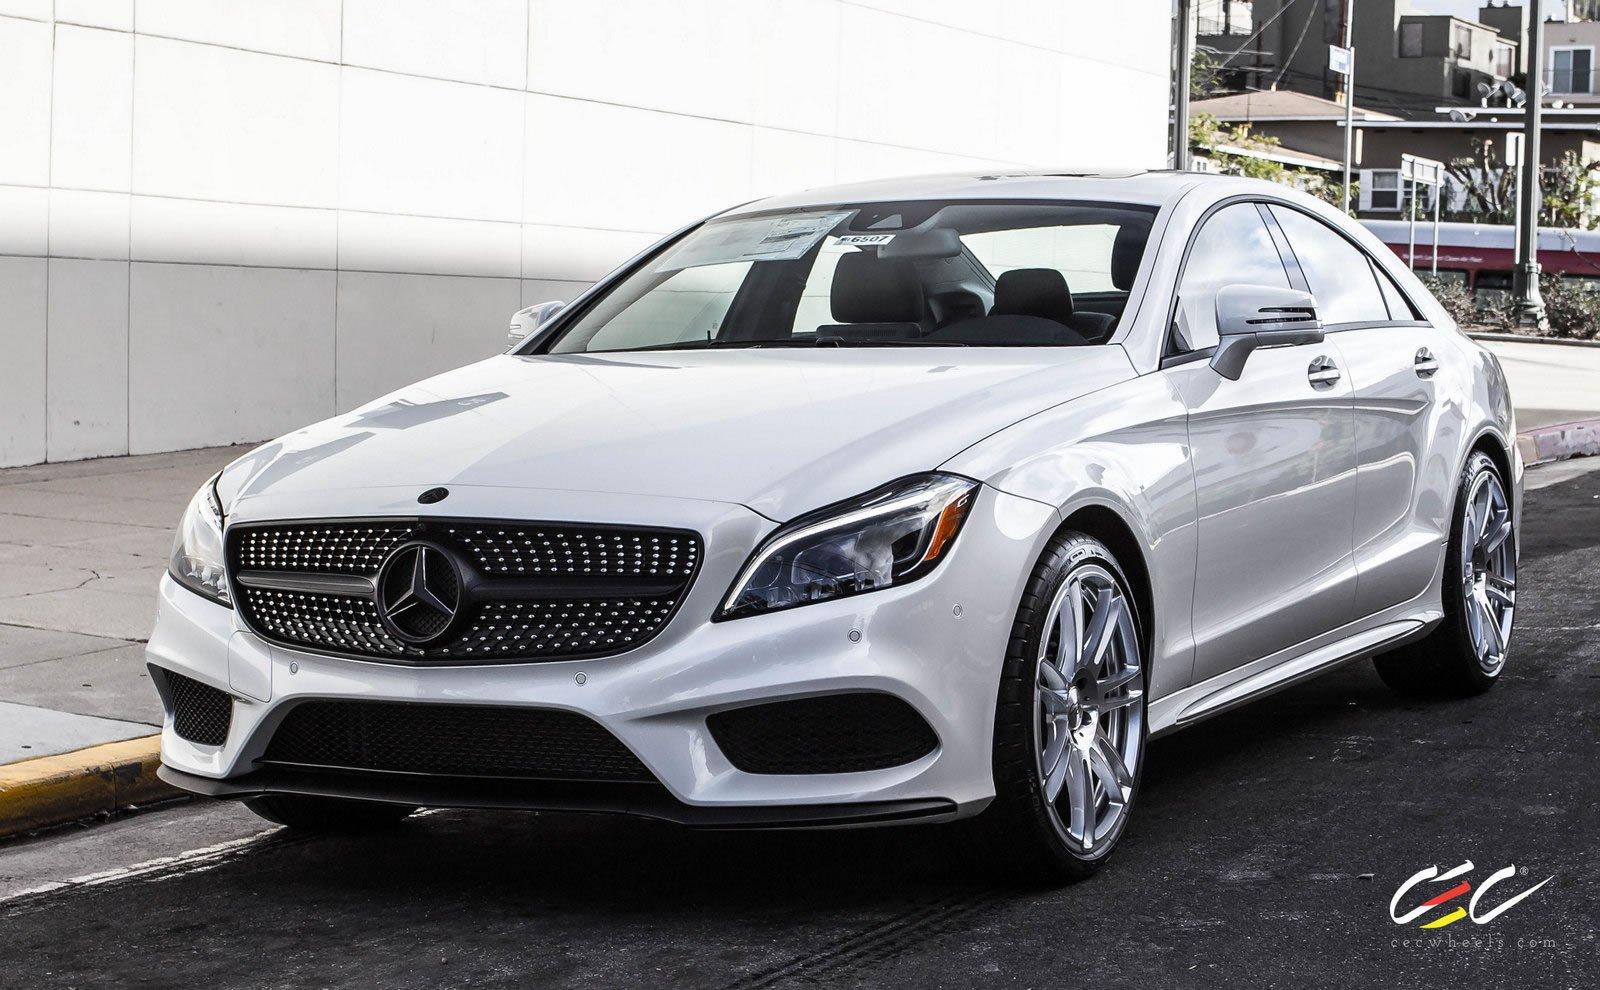 2015 cec wheels tuning cars mercedes benz cls 400 for Mercedes benz 400